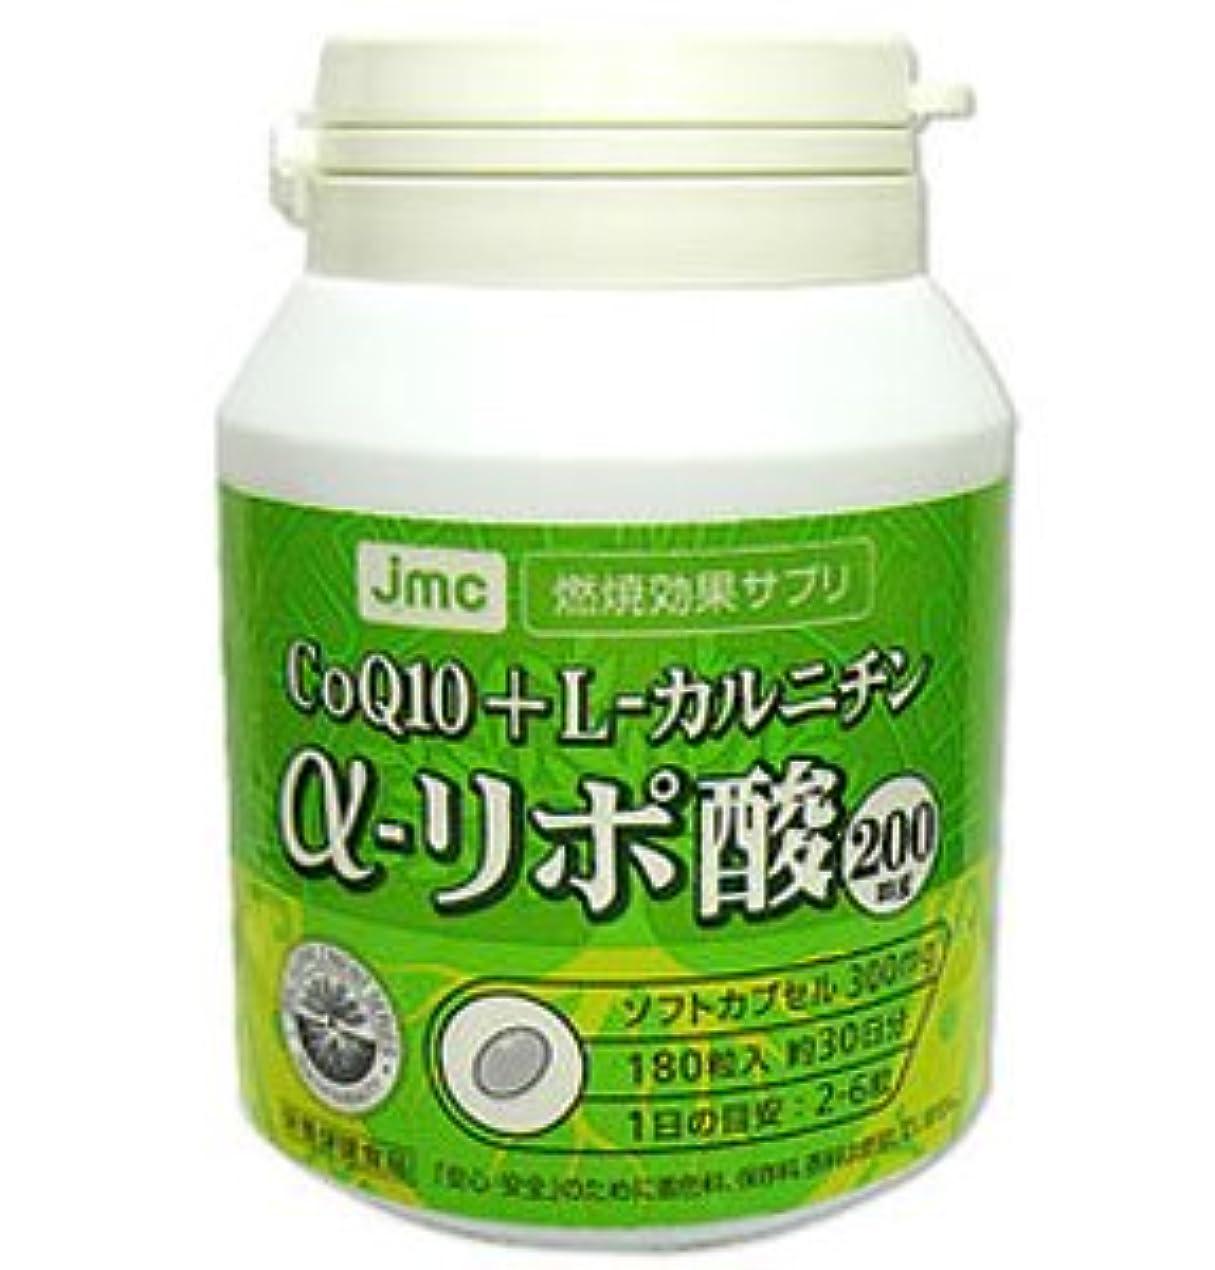 概要遊具どれでもα-リポ酸200mg(αリポ酸、COQ10、L-カルニチン、共役リノール酸配合ダイエットサプリ)